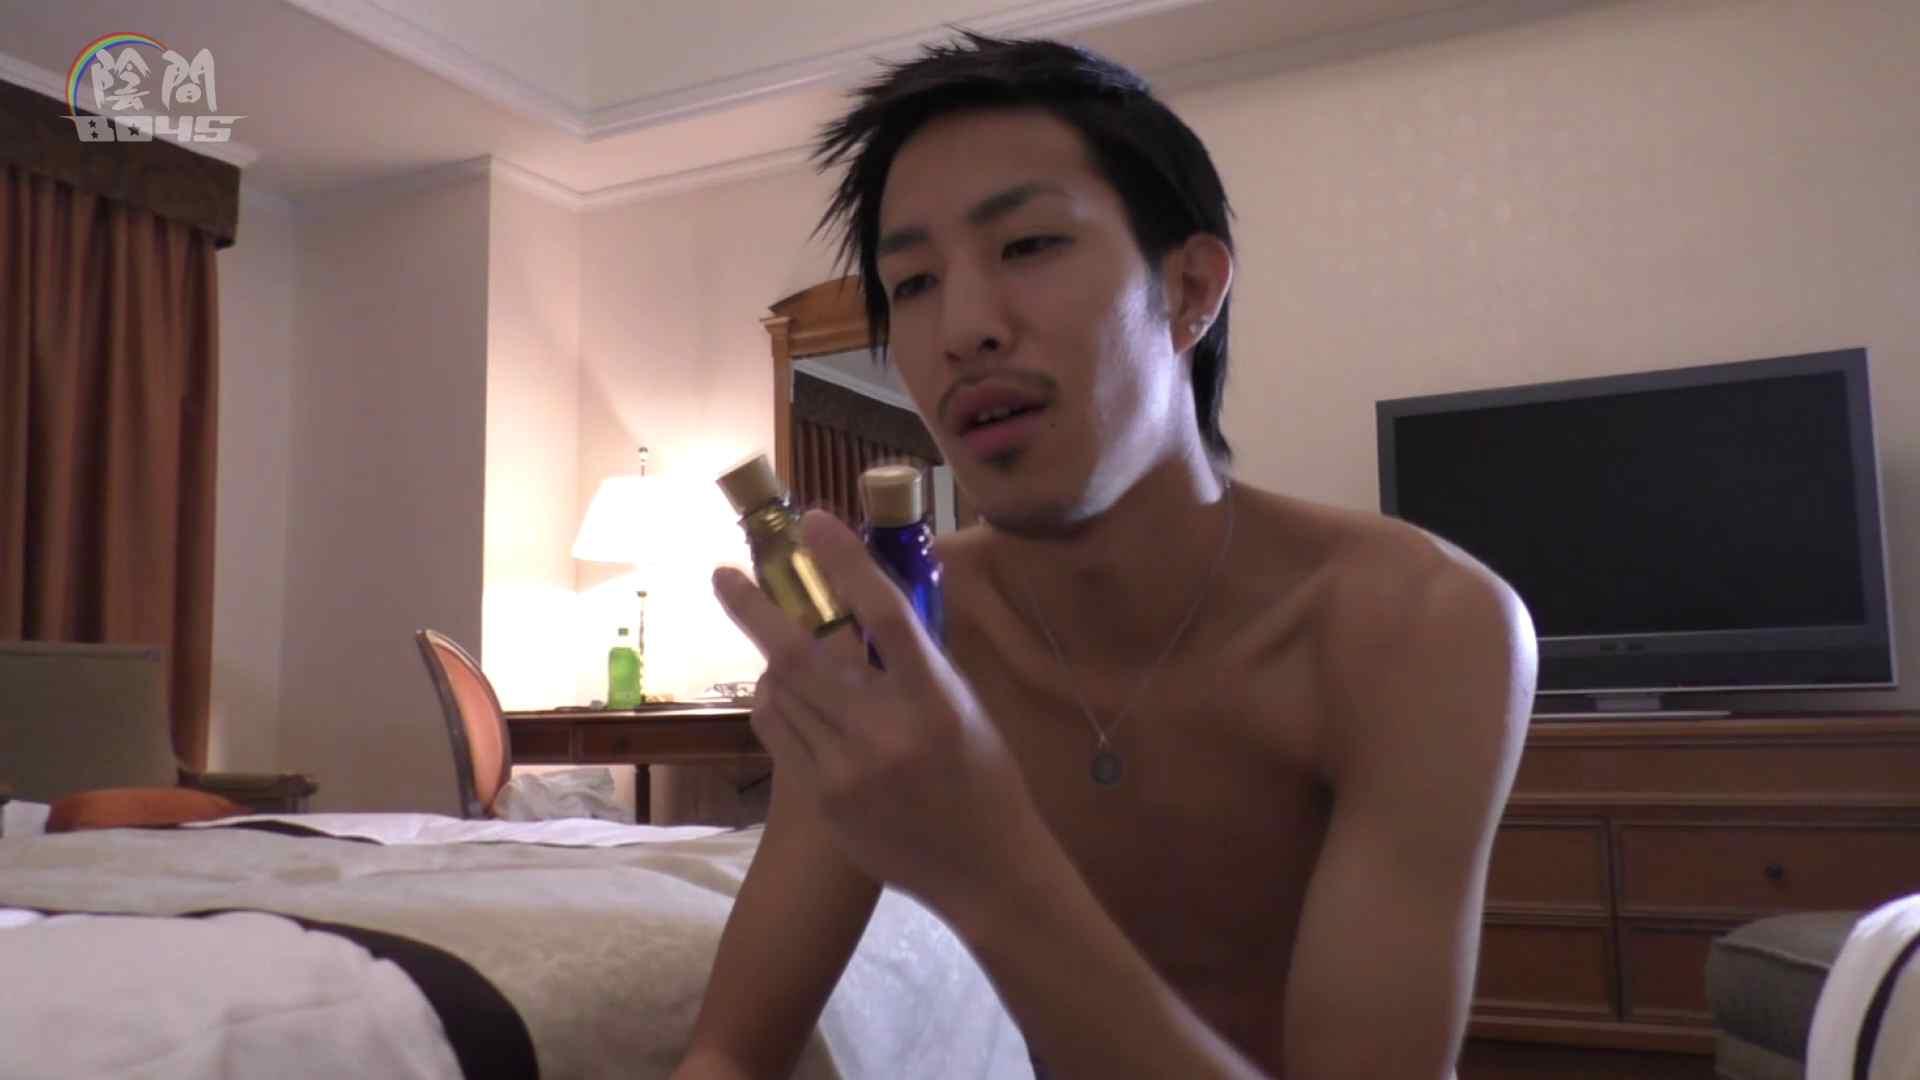 陰間BOYS~「アナルだけは許して…3」~05 ハメ撮り特集 男同士動画 105枚 25